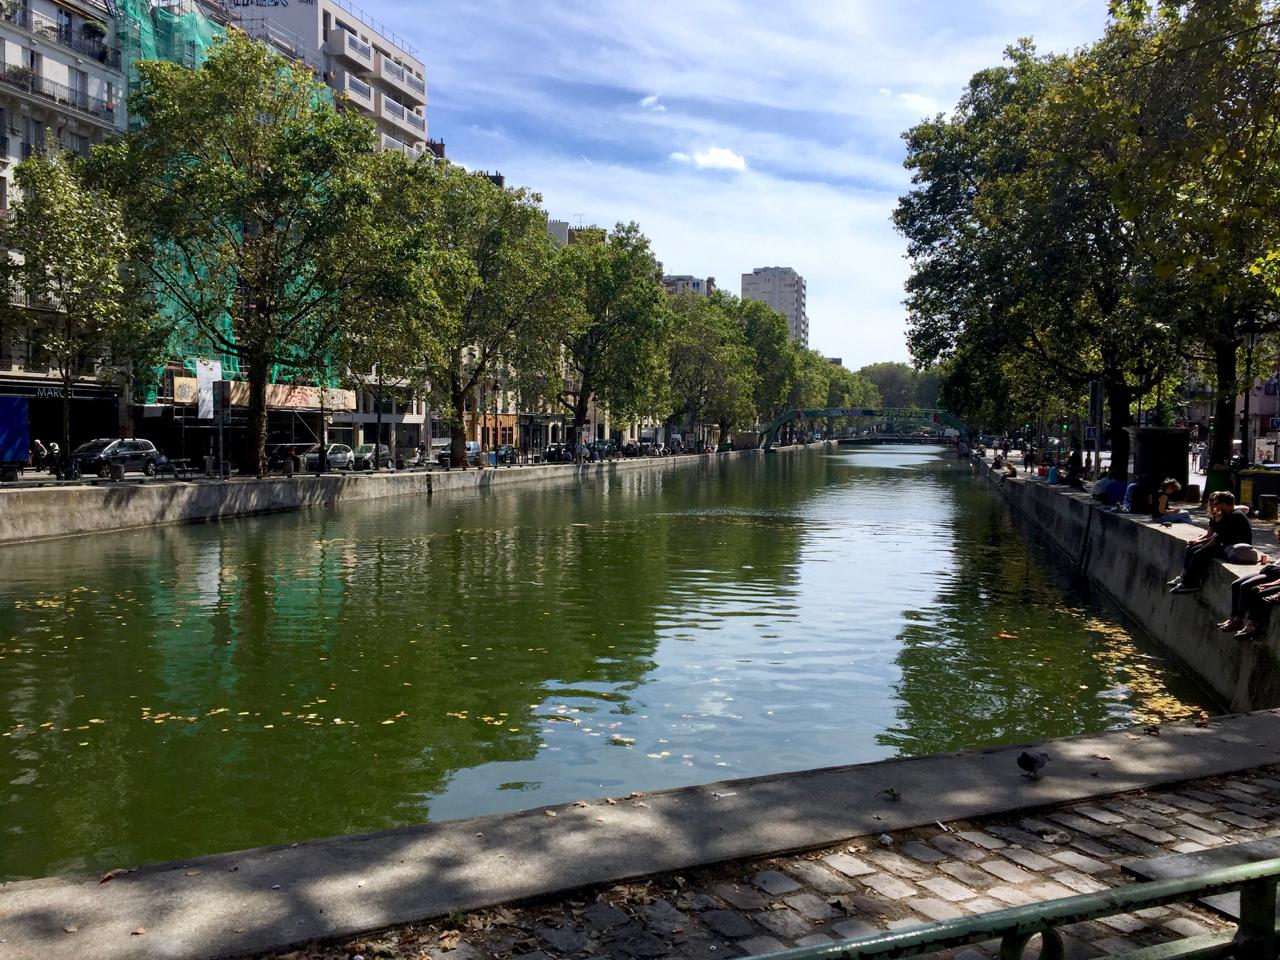 canal st martin paris 10th arrondisement